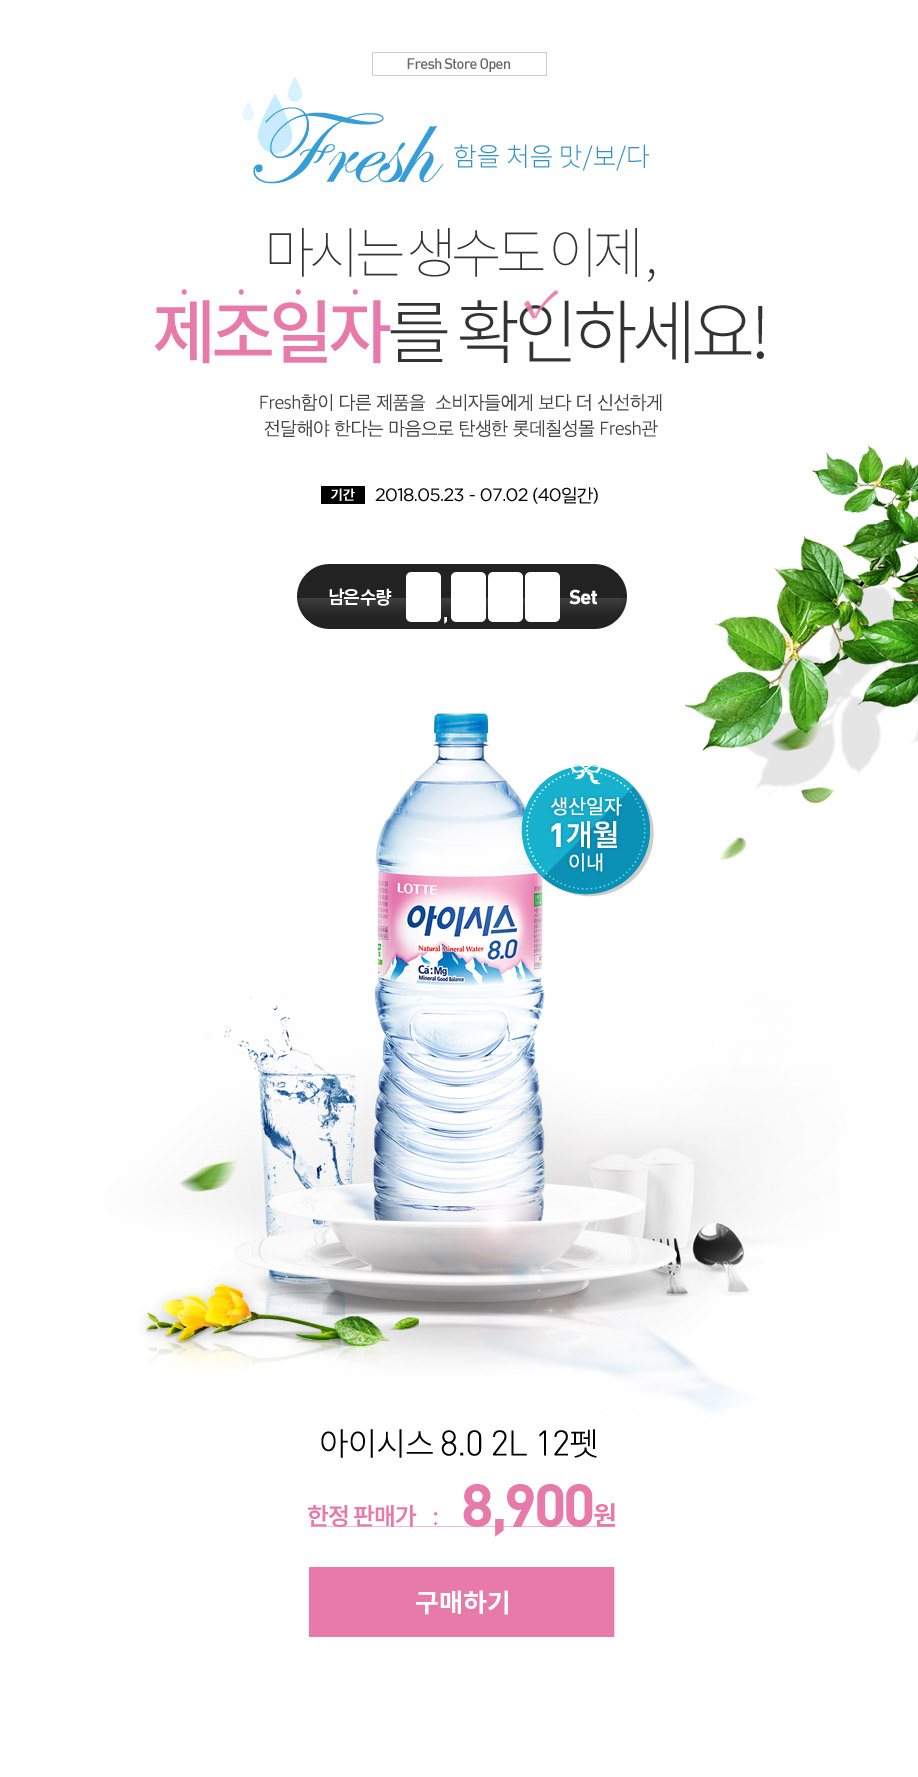 Fresh Store Open, FRESH함을 처음 맛보다! 마시는 생수도 이제 제조일자를 확인하세요!